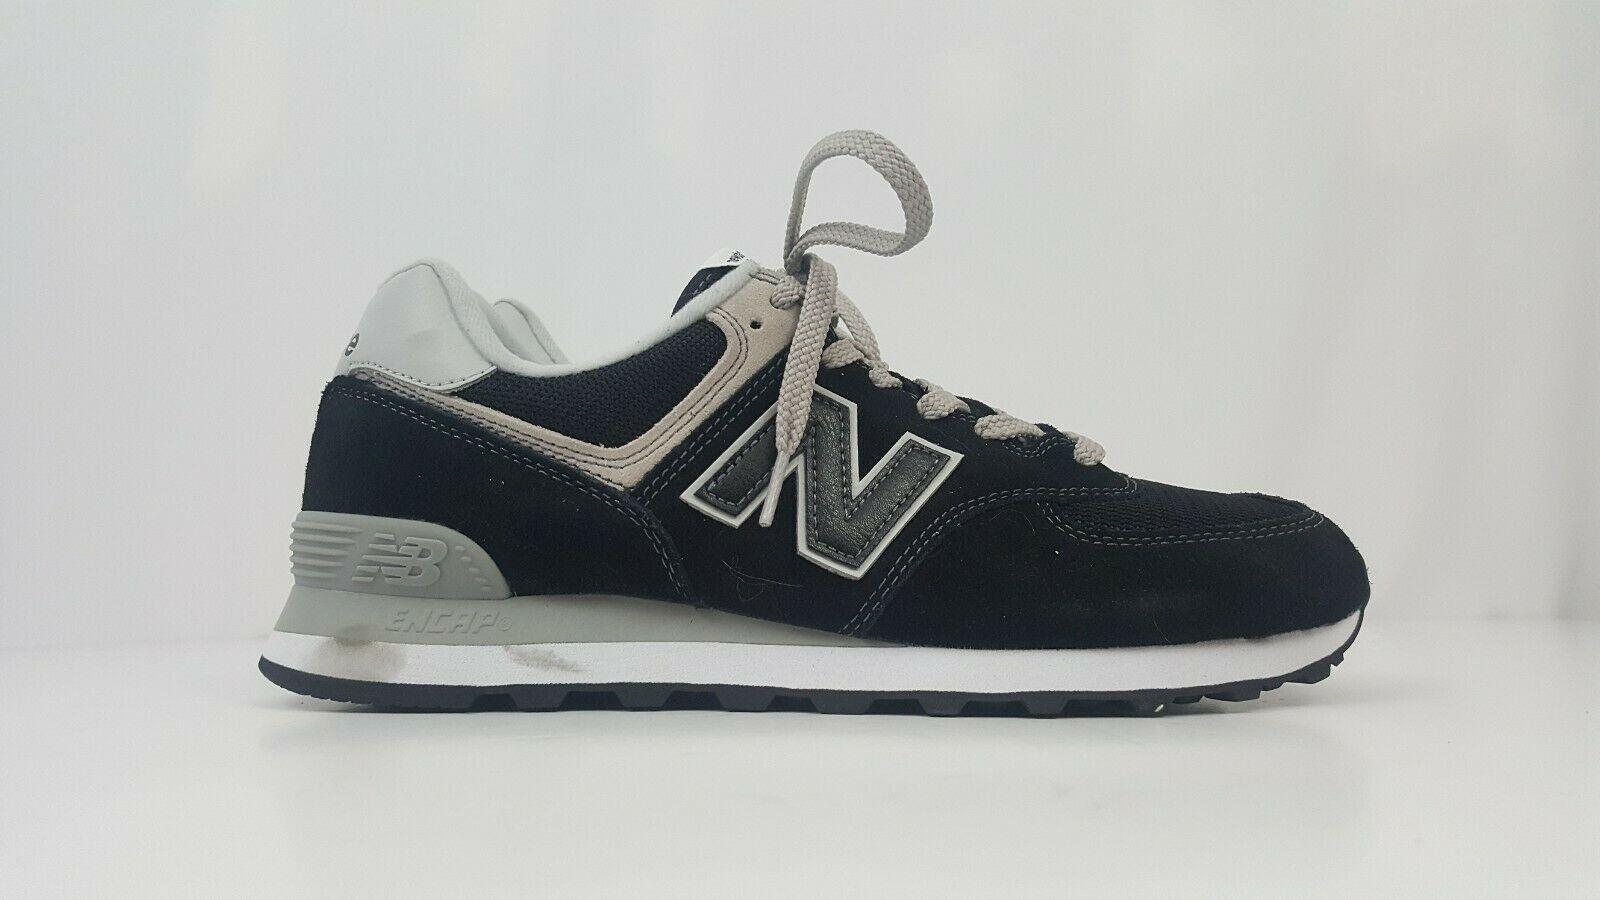 New Balance Men's Running Sneakers 574 Classics Black ML574EGK Size 9.5 nwot